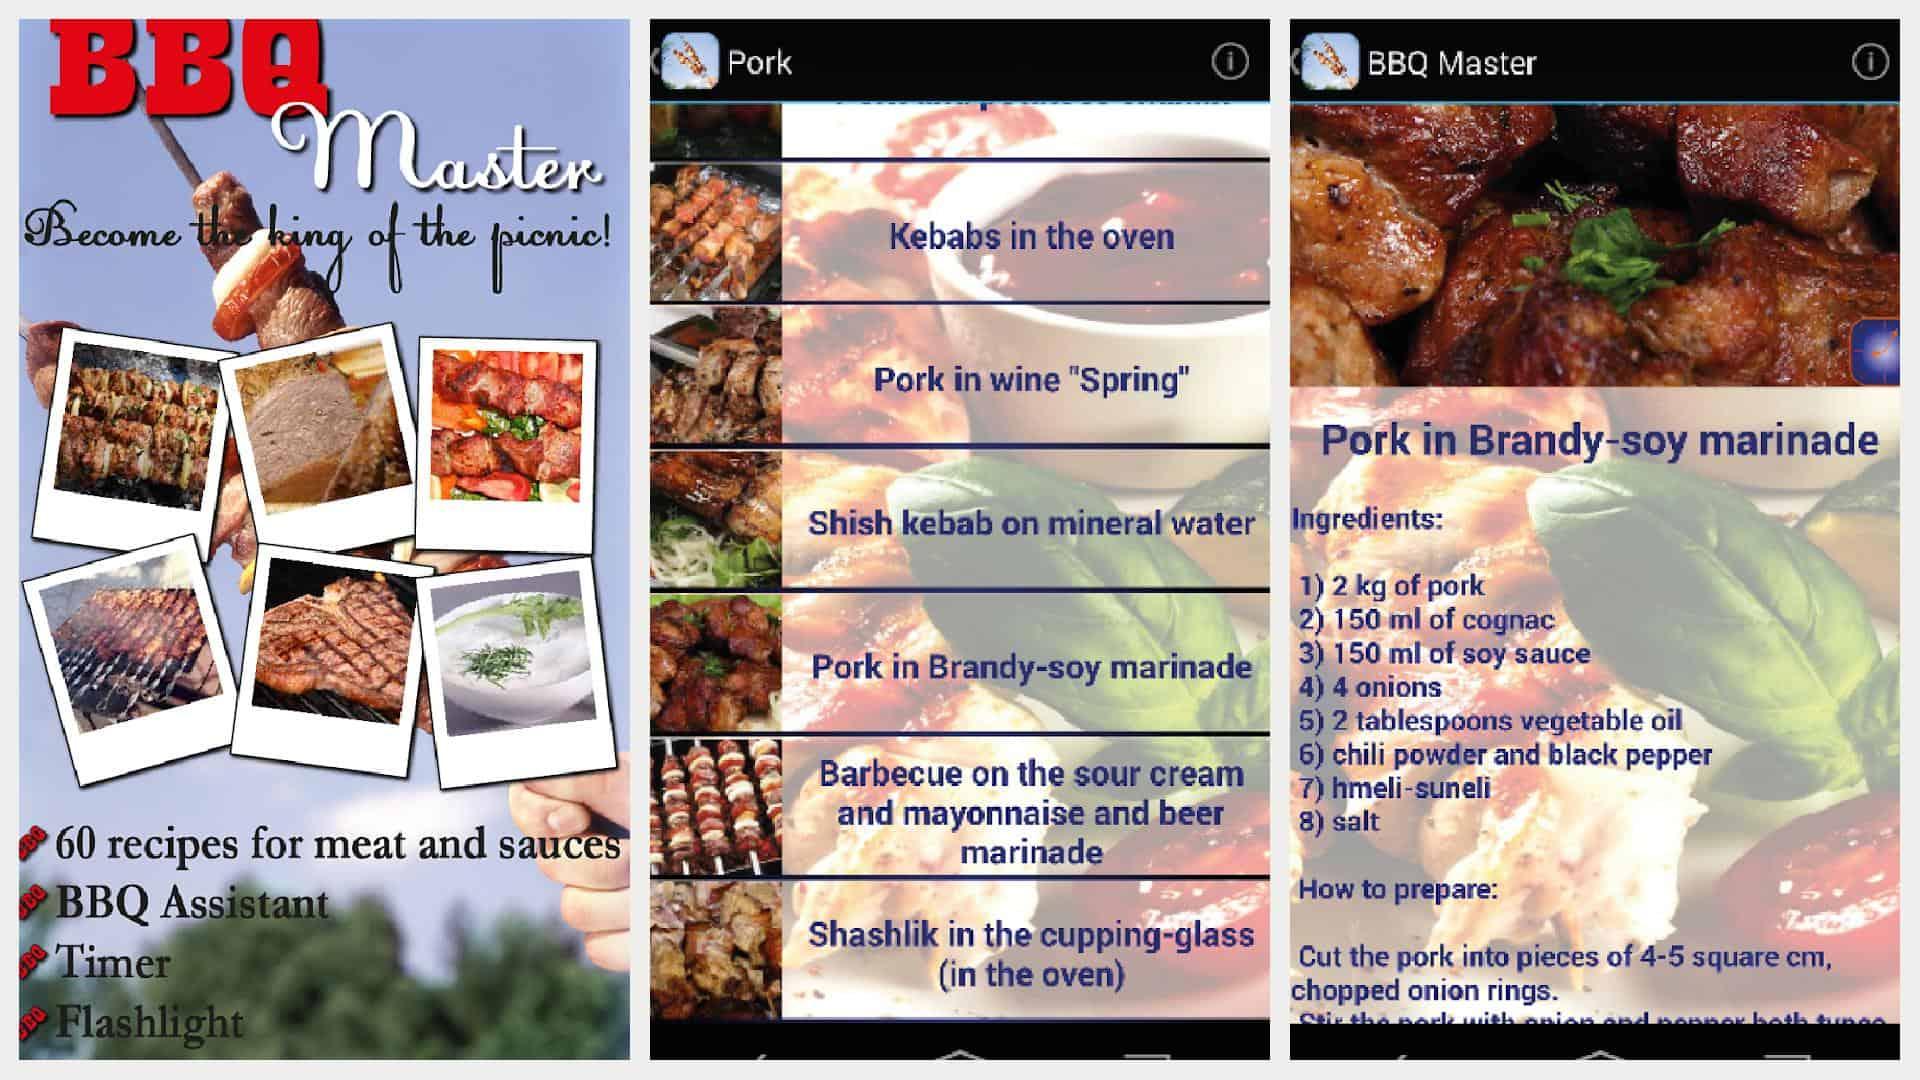 BBQ Master app grid 1